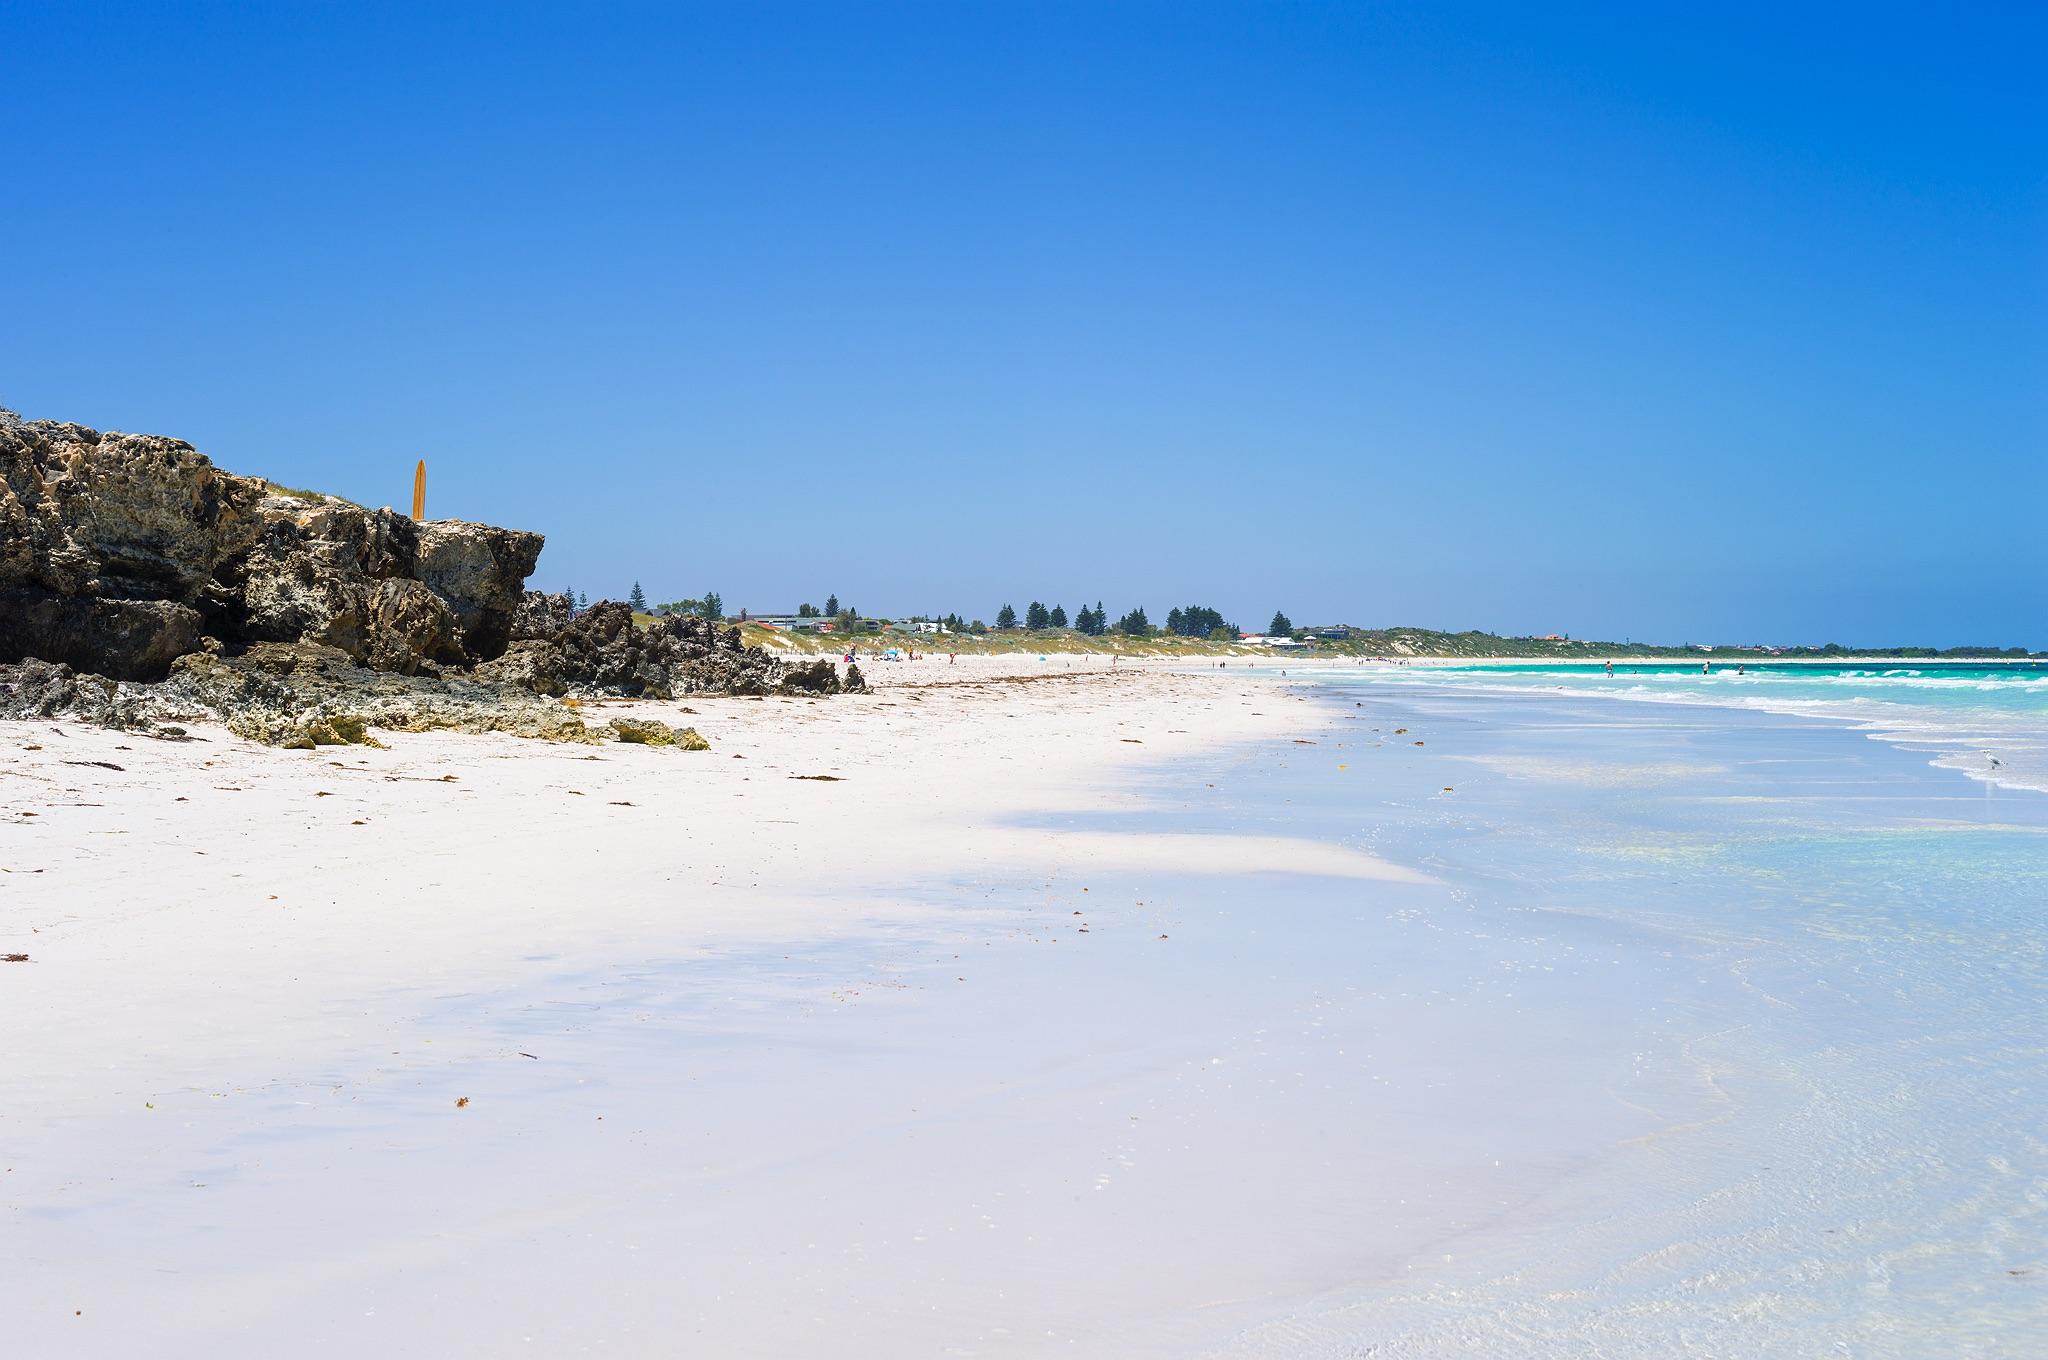 mullaloo_beach_perth_05